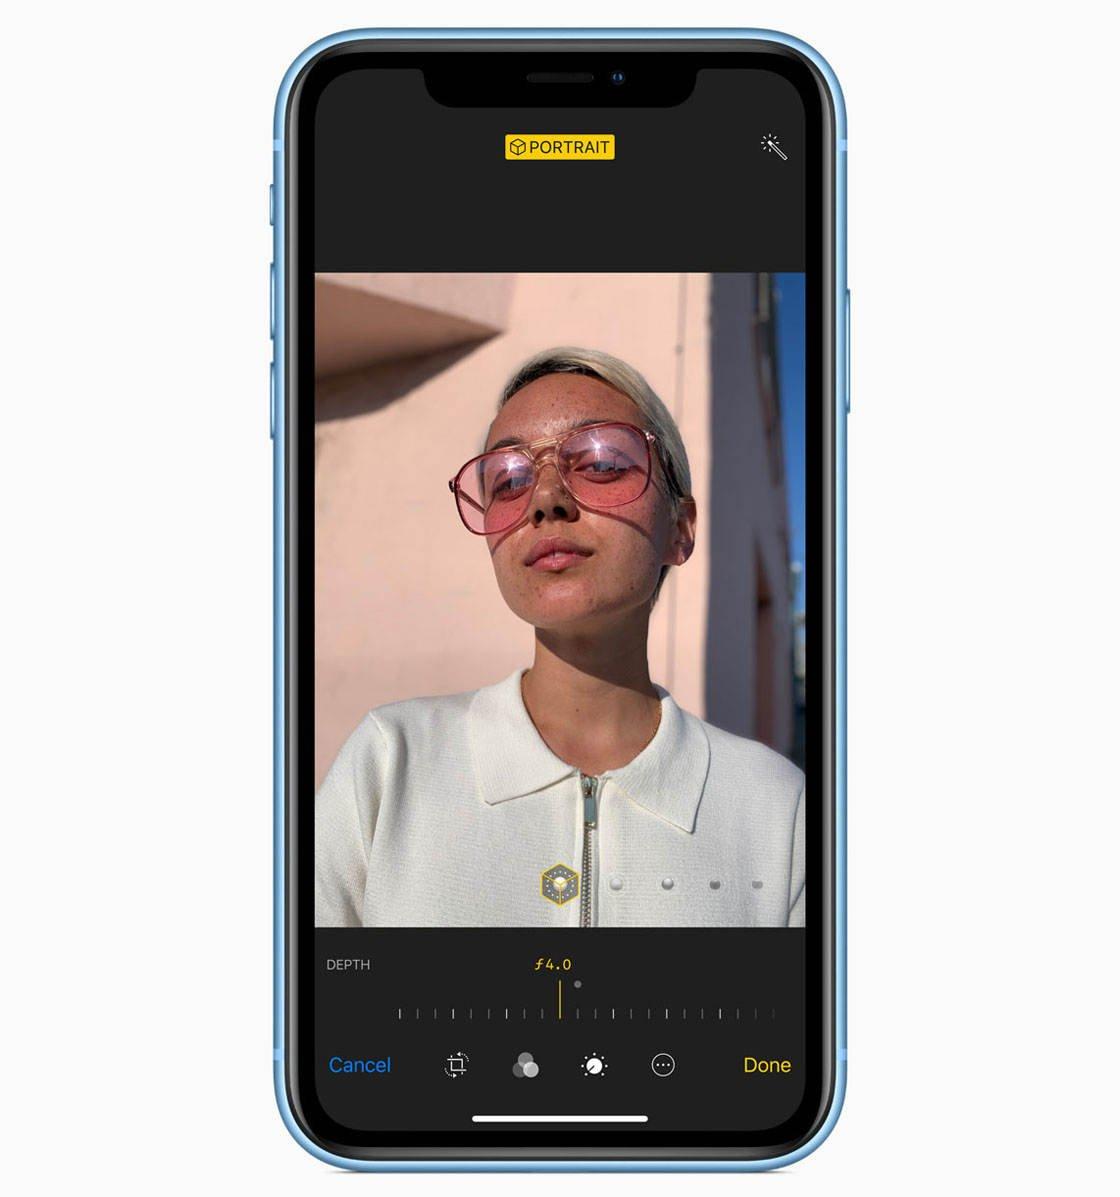 Iphone xr camera 3 no script